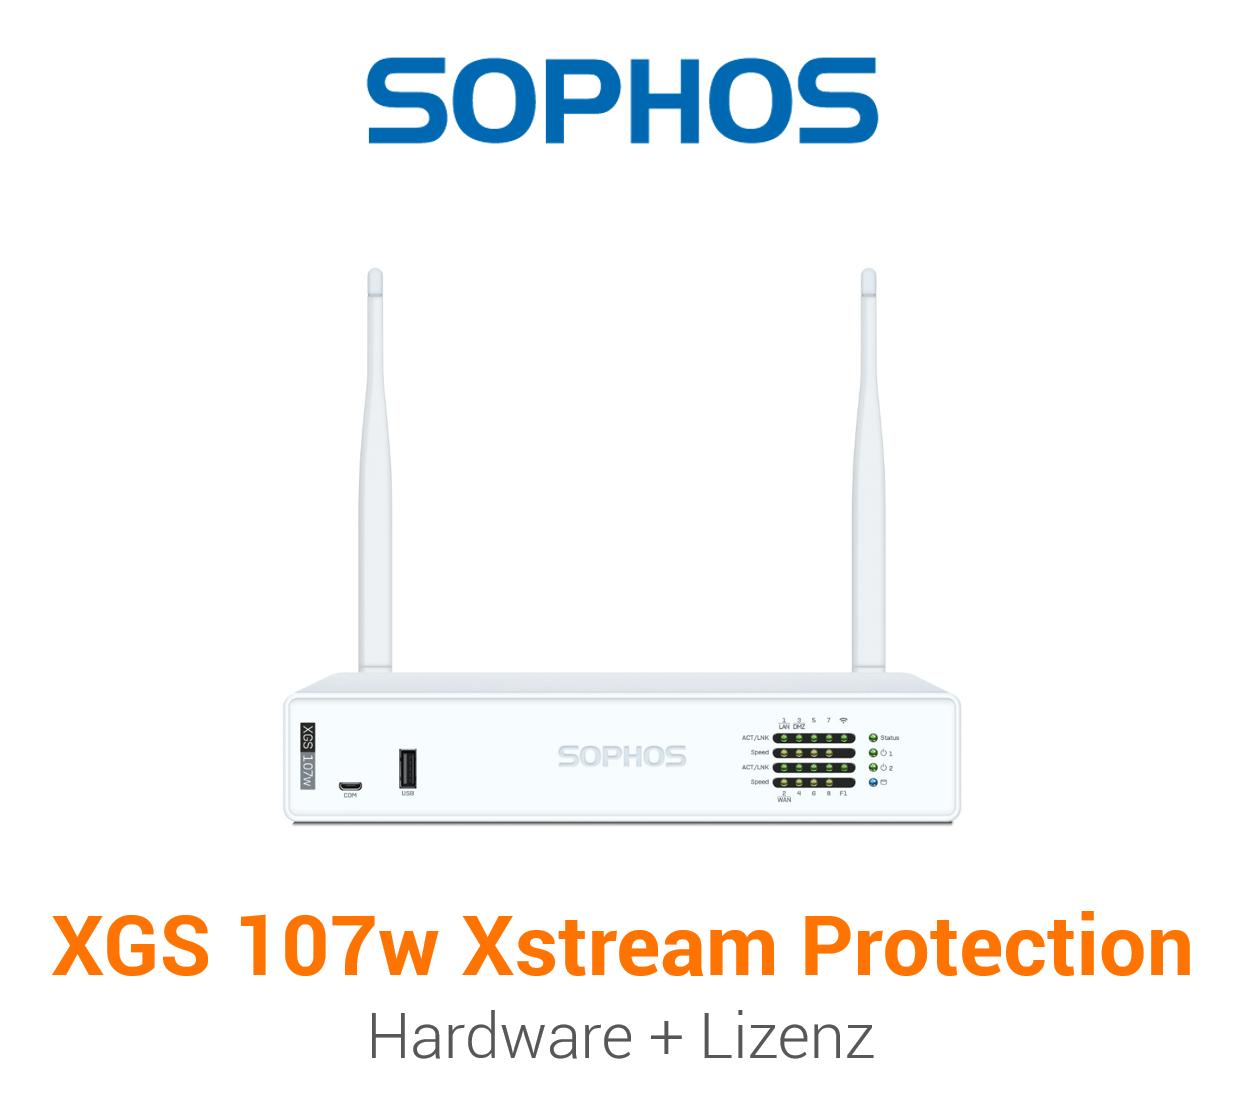 Sophos XGS 107w mit Xstream Protection